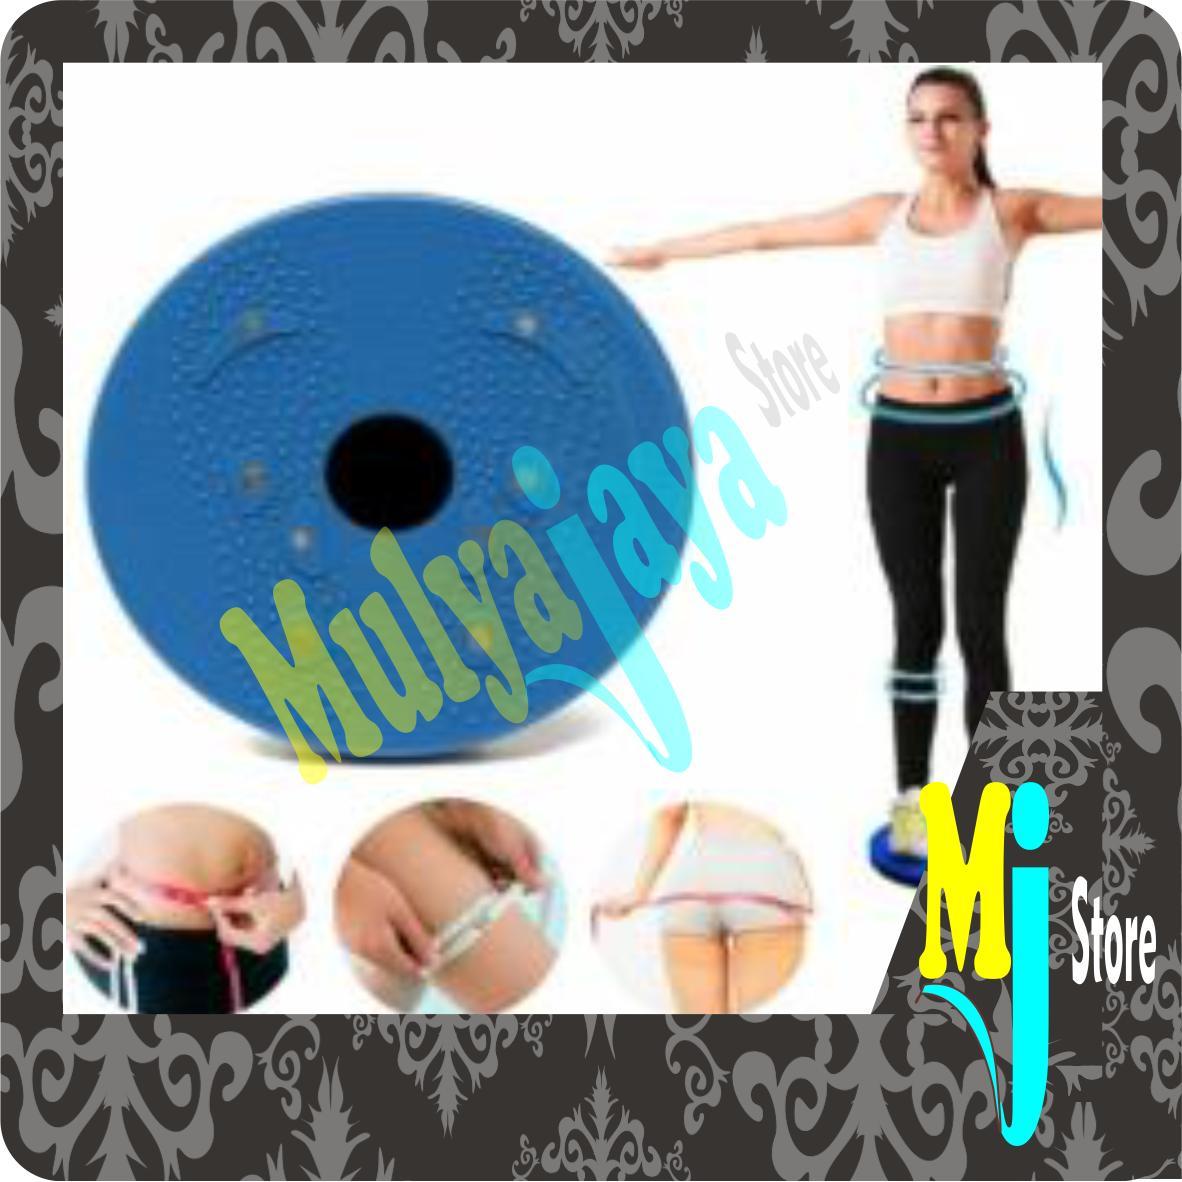 Harga Alat Fitnes Perut Promo Jogging Plate Magnetic Trimmer Olahraga Portable Body Nikita Rumah Praktis Pelangs